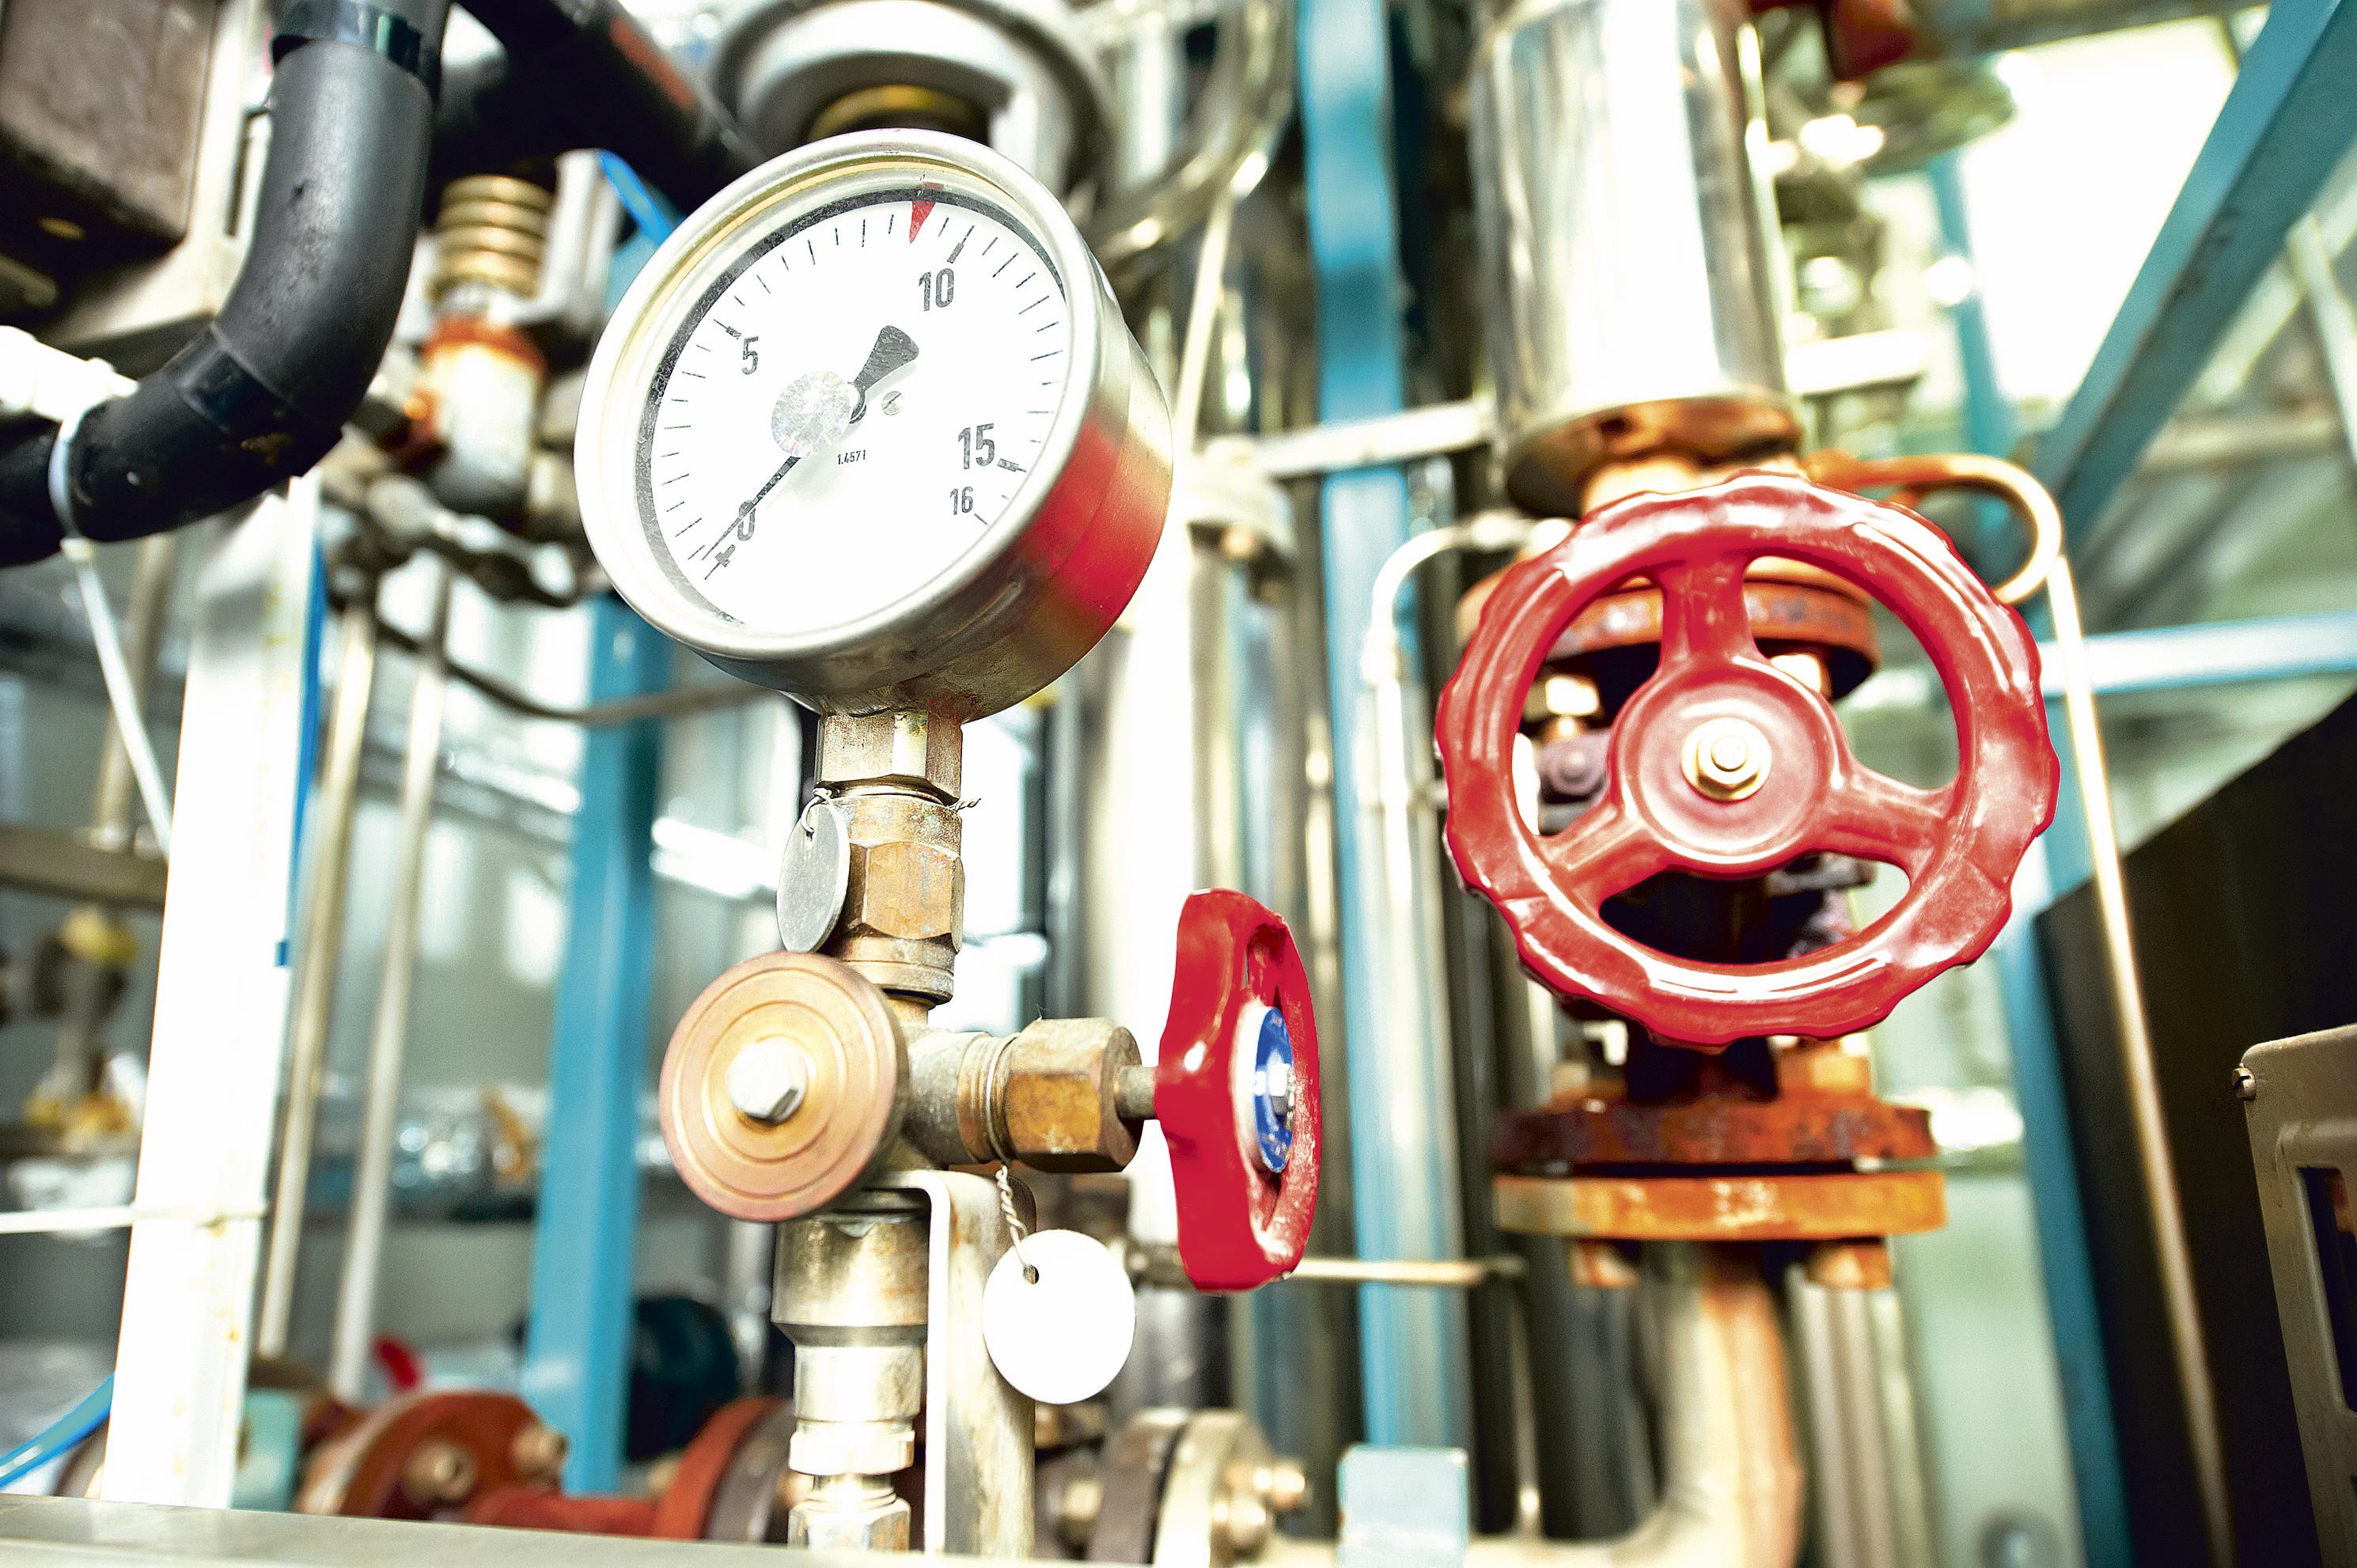 Ucraina va cumpăra deocamdată doar gaze ruseşti, pentru că sunt mai ieftine